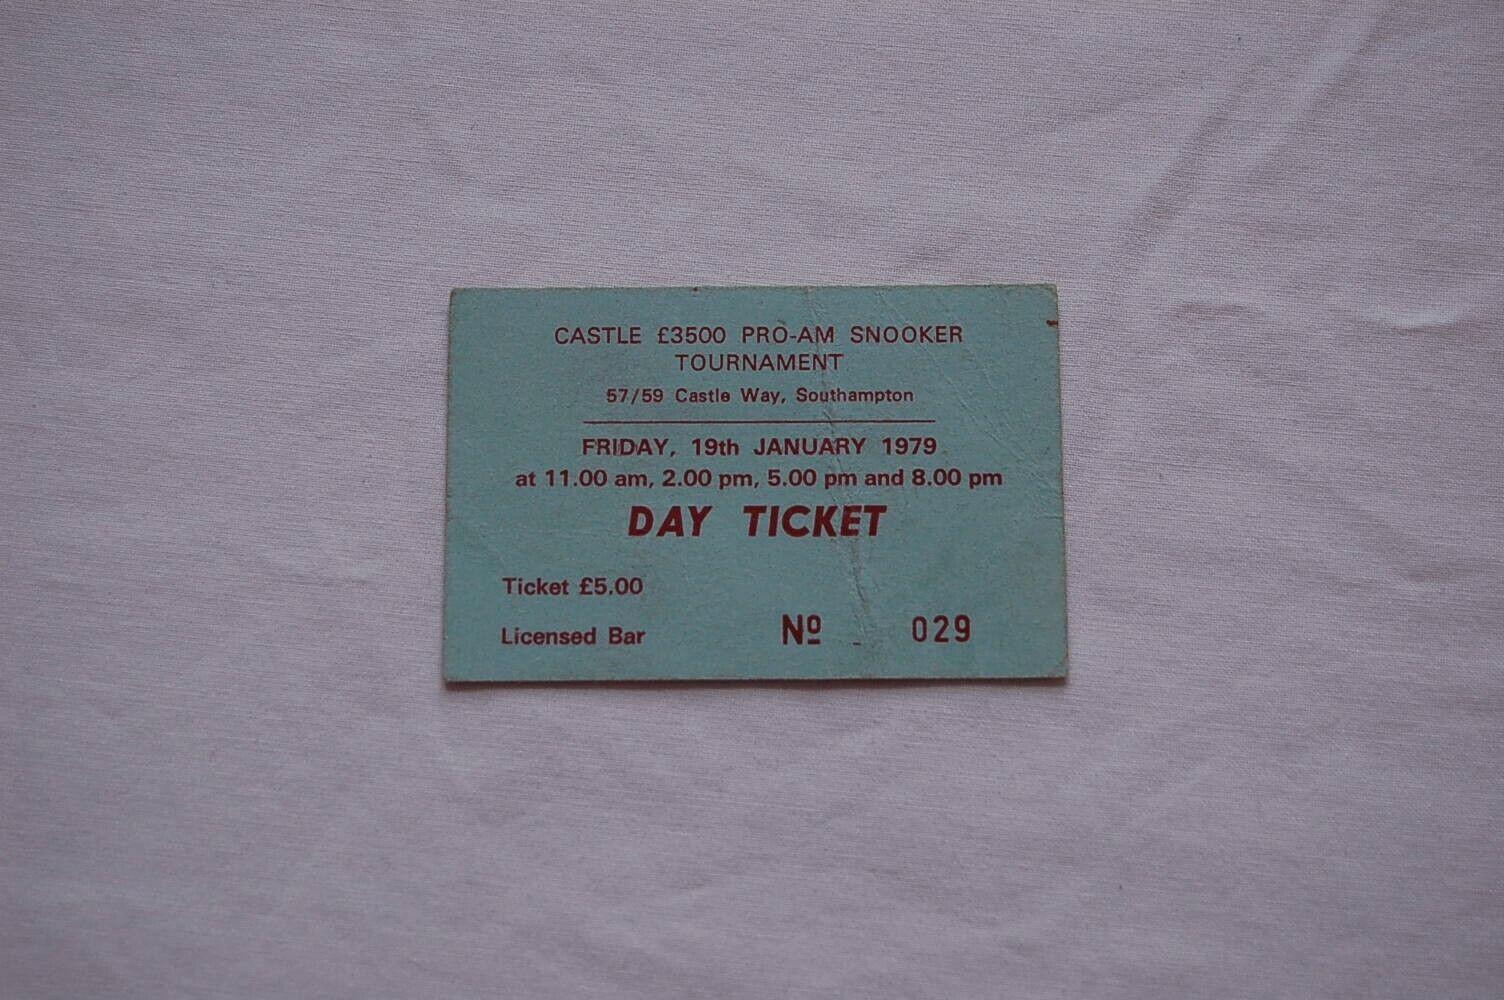 Castle Pro-Am Snooker Tournament Southampton 1979 Ticket Stub